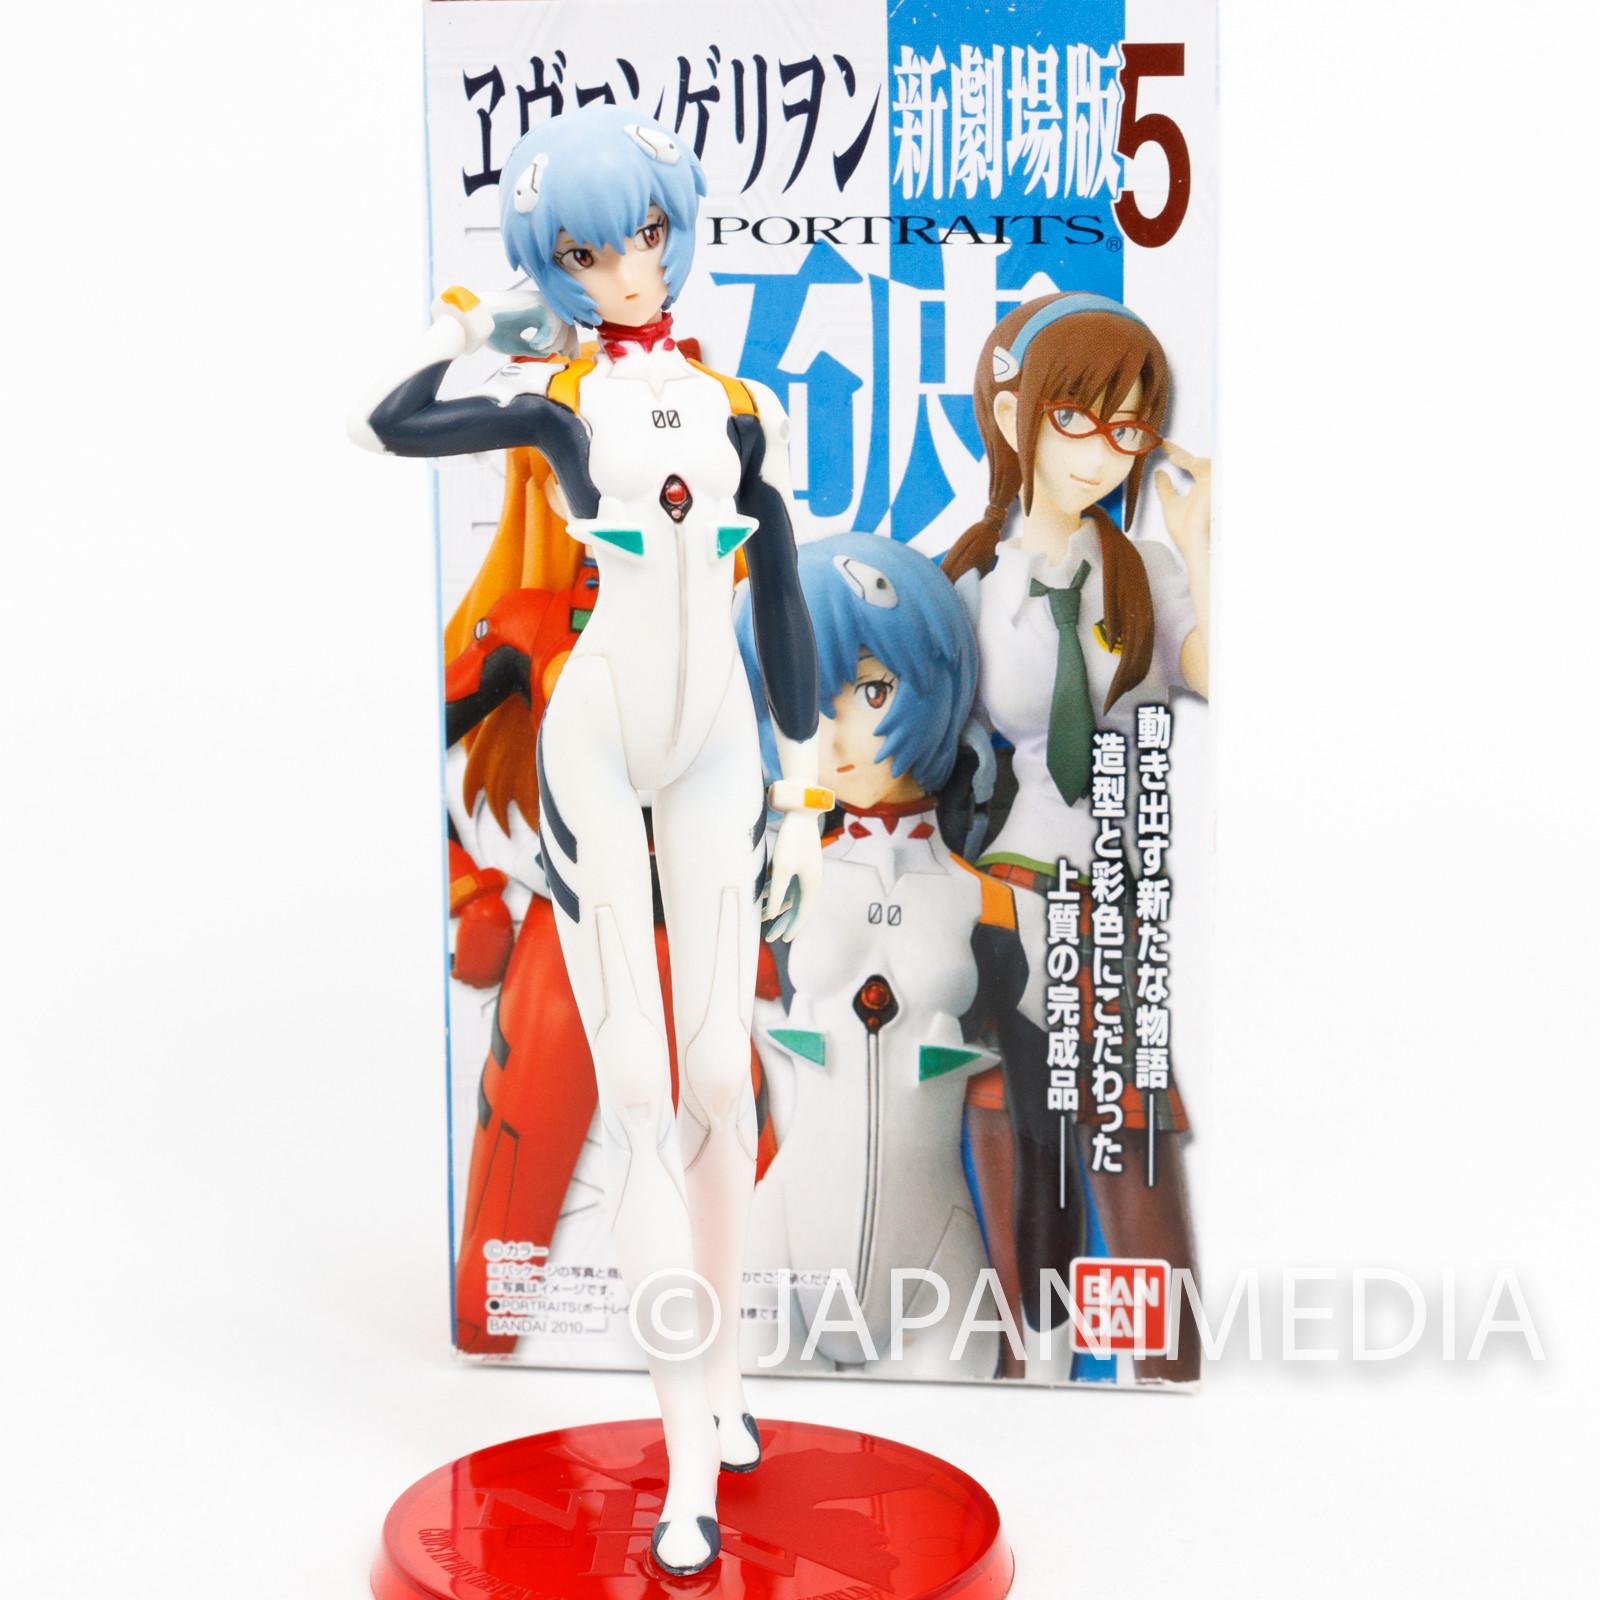 Evangelion Rei Ayanami Plug Suit Portraits Figure Series 5 BANDAI JAPAN